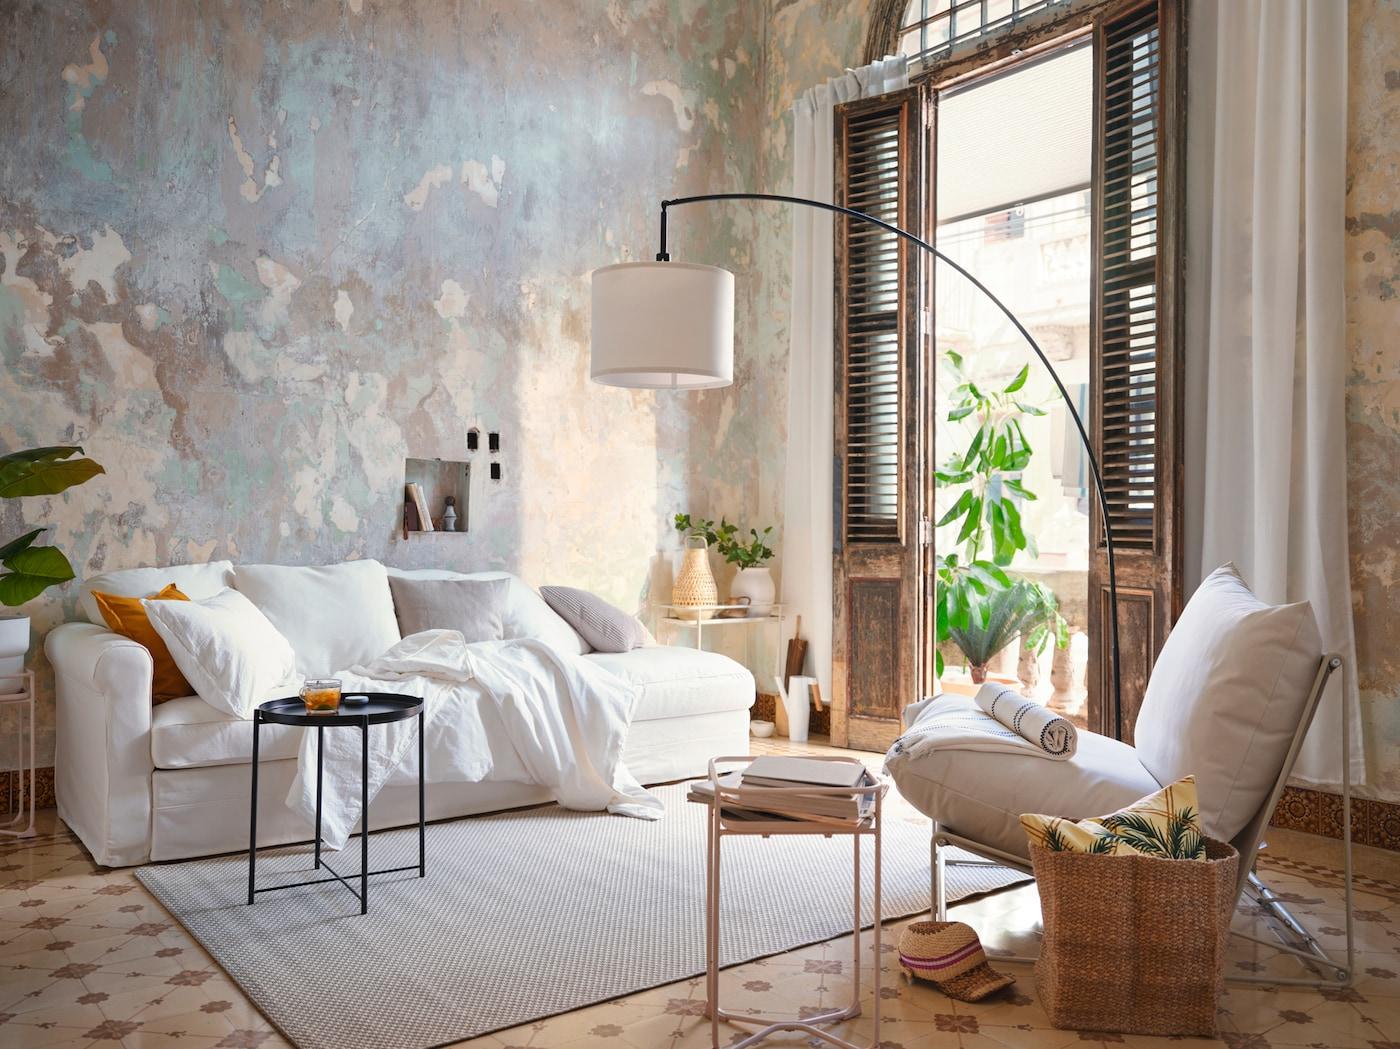 Un canapé blanc dans une déco gris-beige avec quelques coussins, une table d'appoint noire et un fauteuil d'appoint blanc.